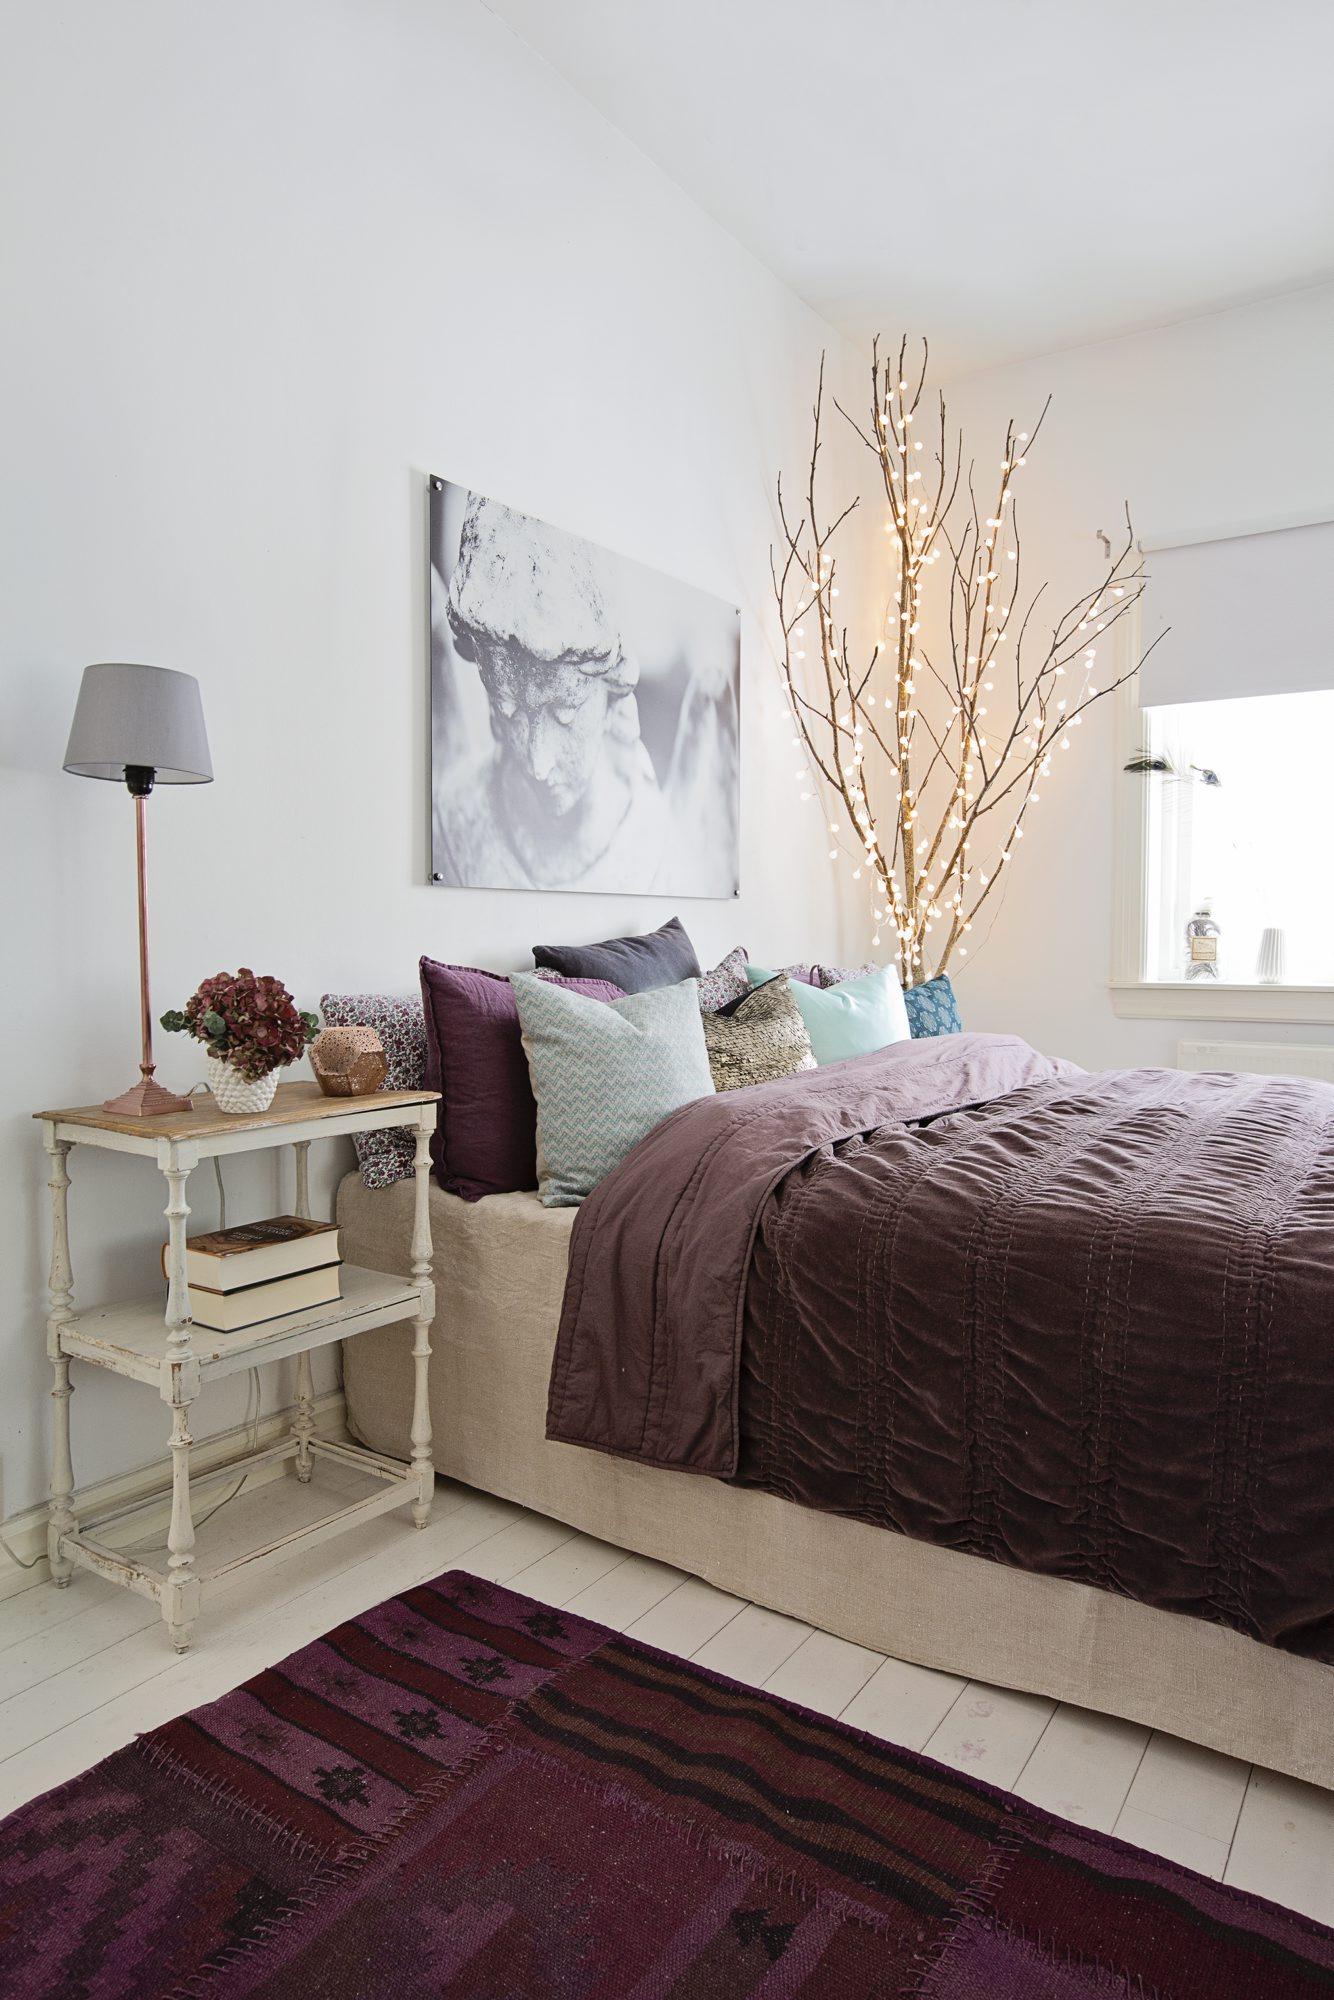 5 herlige ideer til soverommet rom123. Black Bedroom Furniture Sets. Home Design Ideas